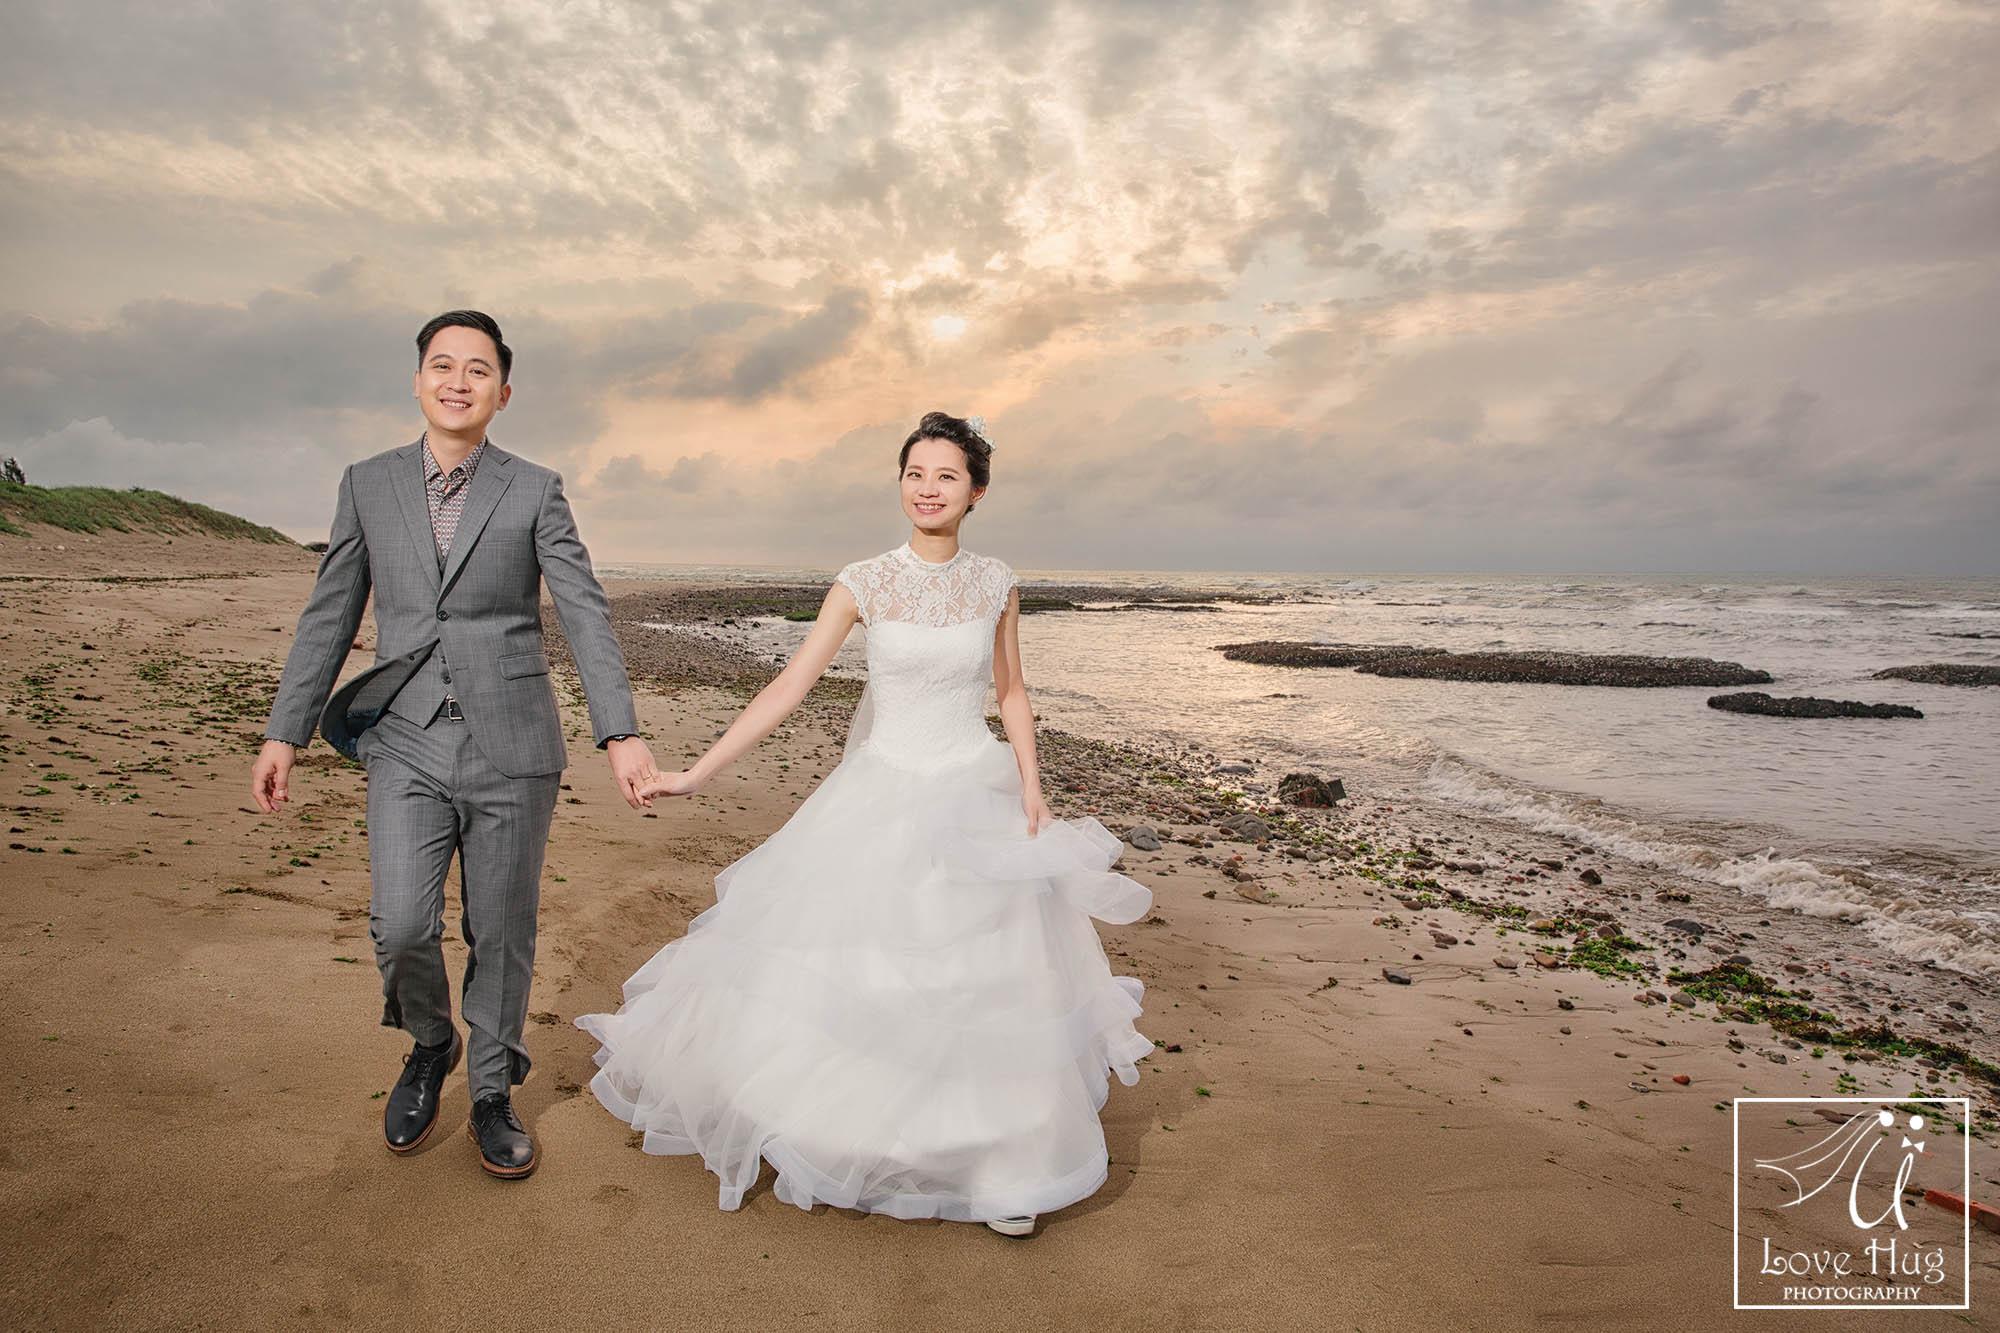 自助婚紗,自主婚紗,婚紗攝影,食尚曼谷,陽明山m北海岸,婚攝Benson,繡球花